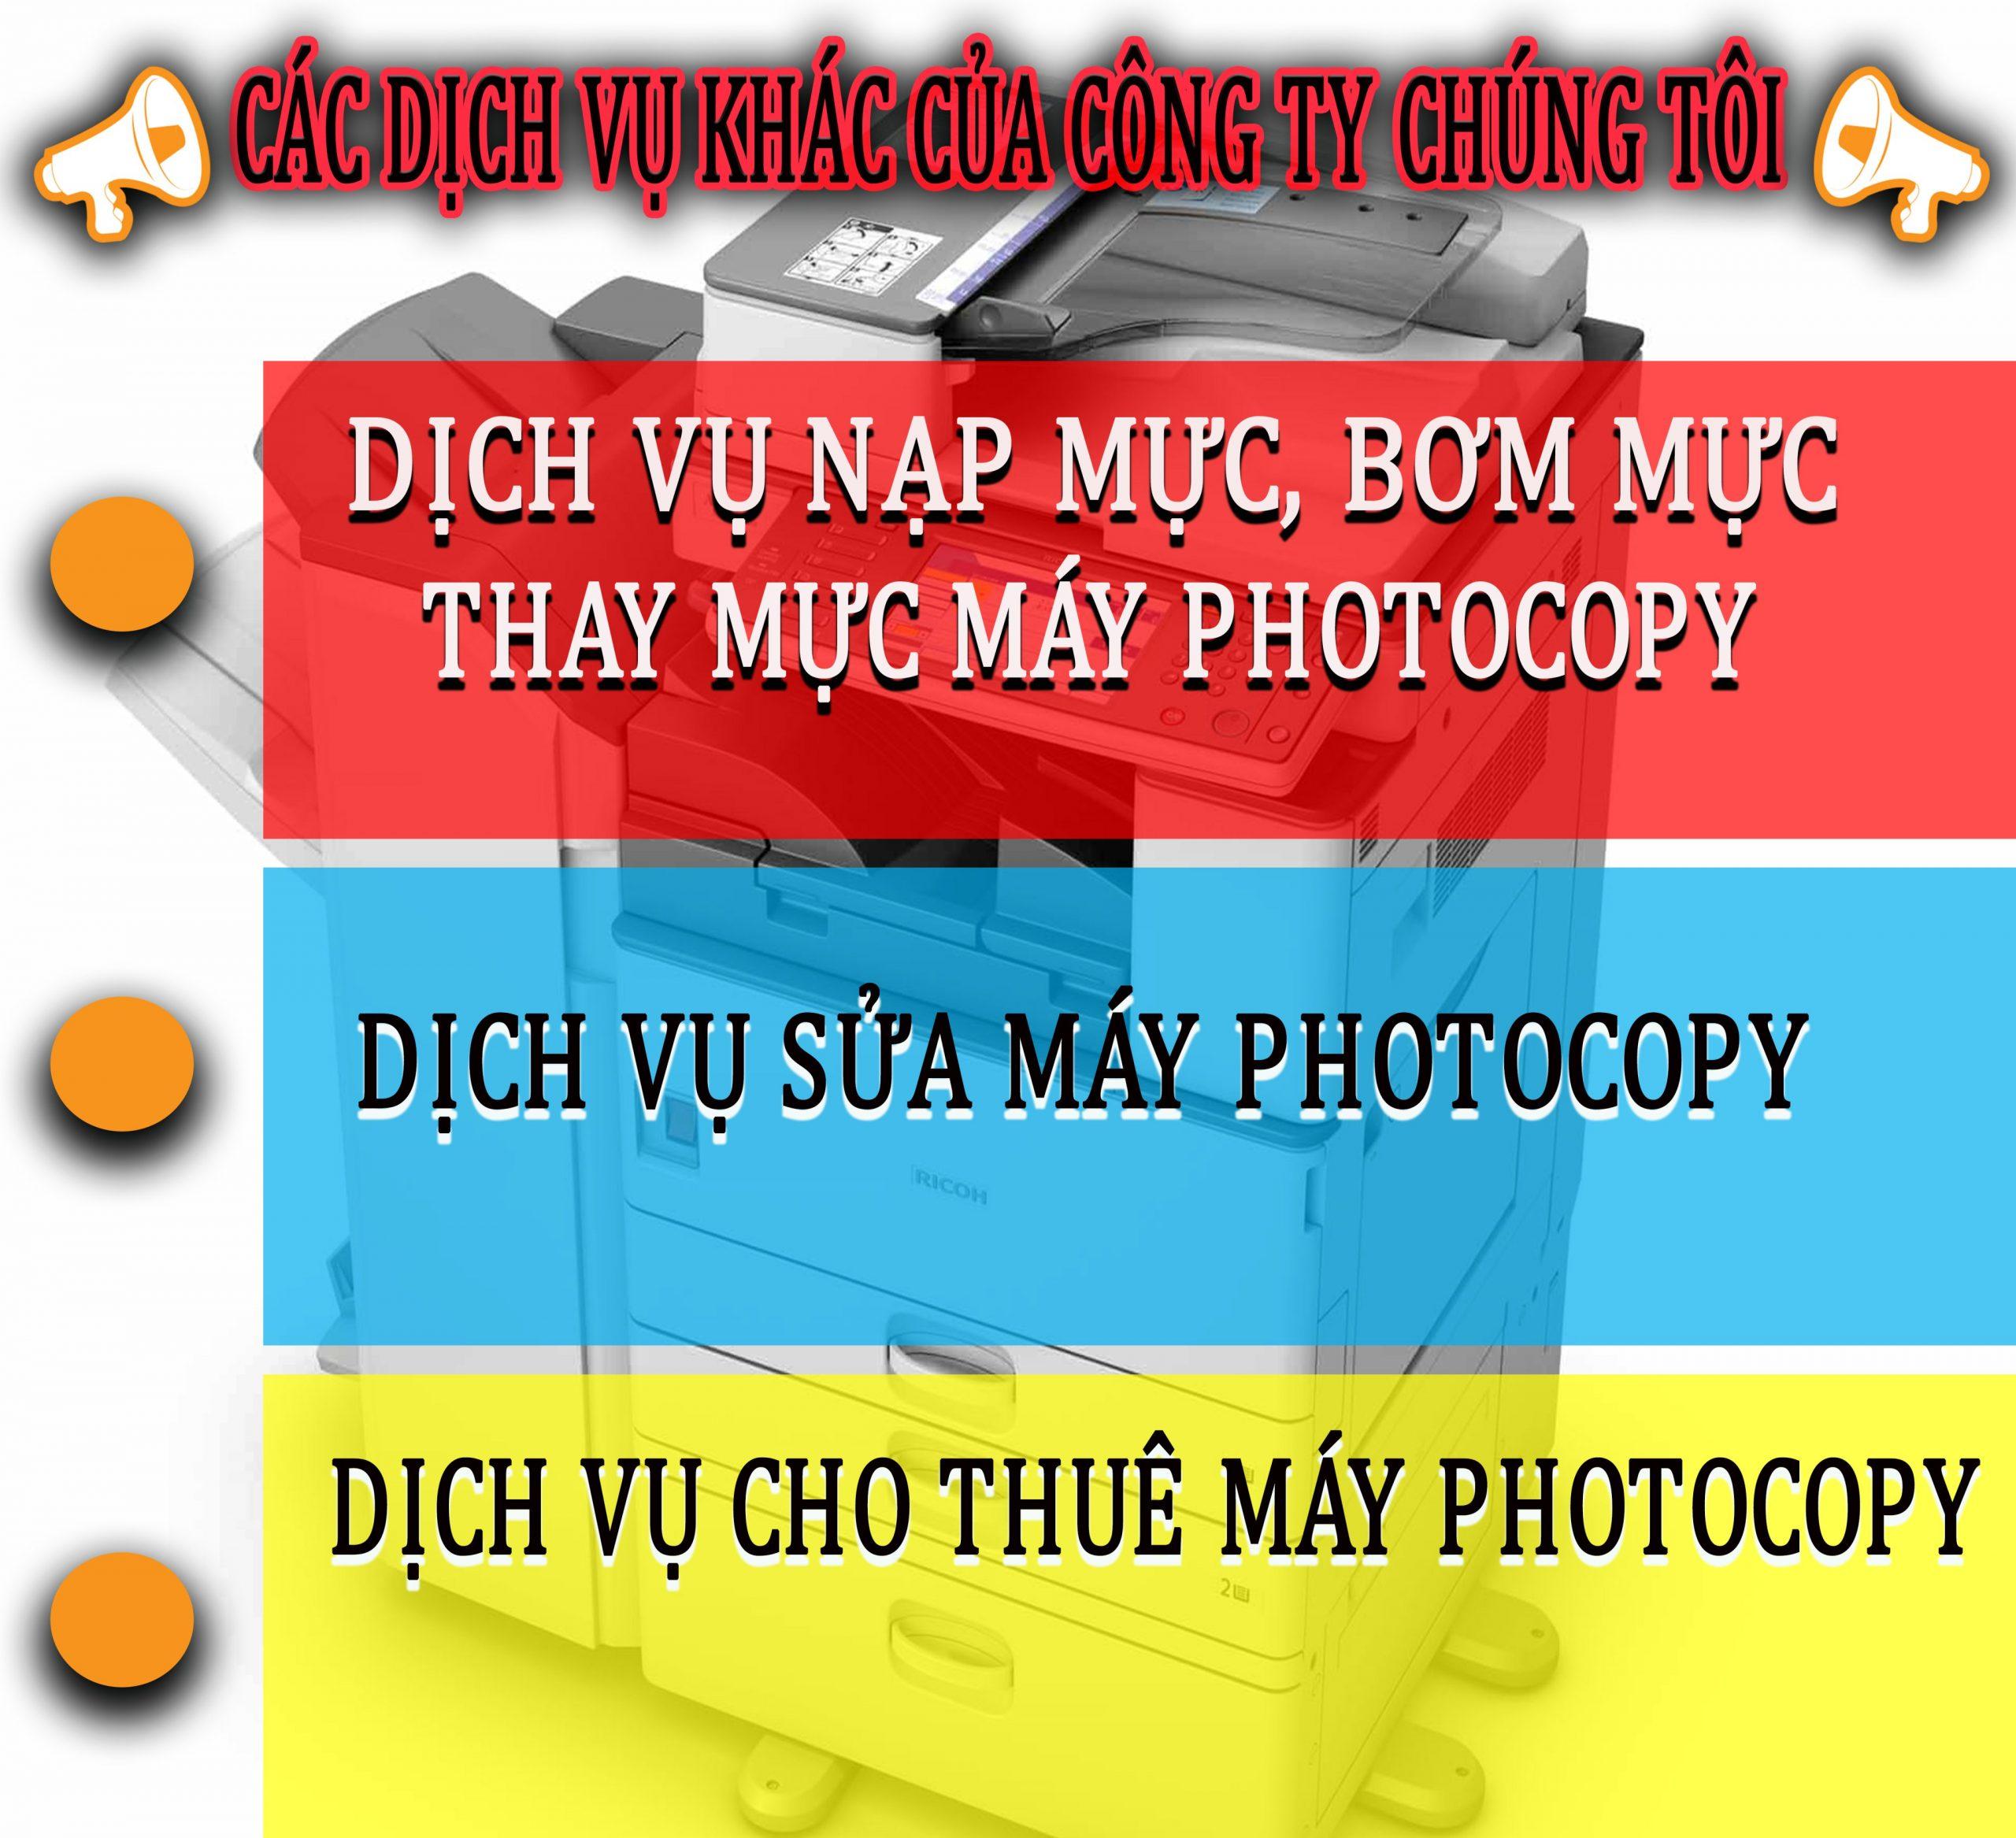 Bán photocopy tại Nha Trang.